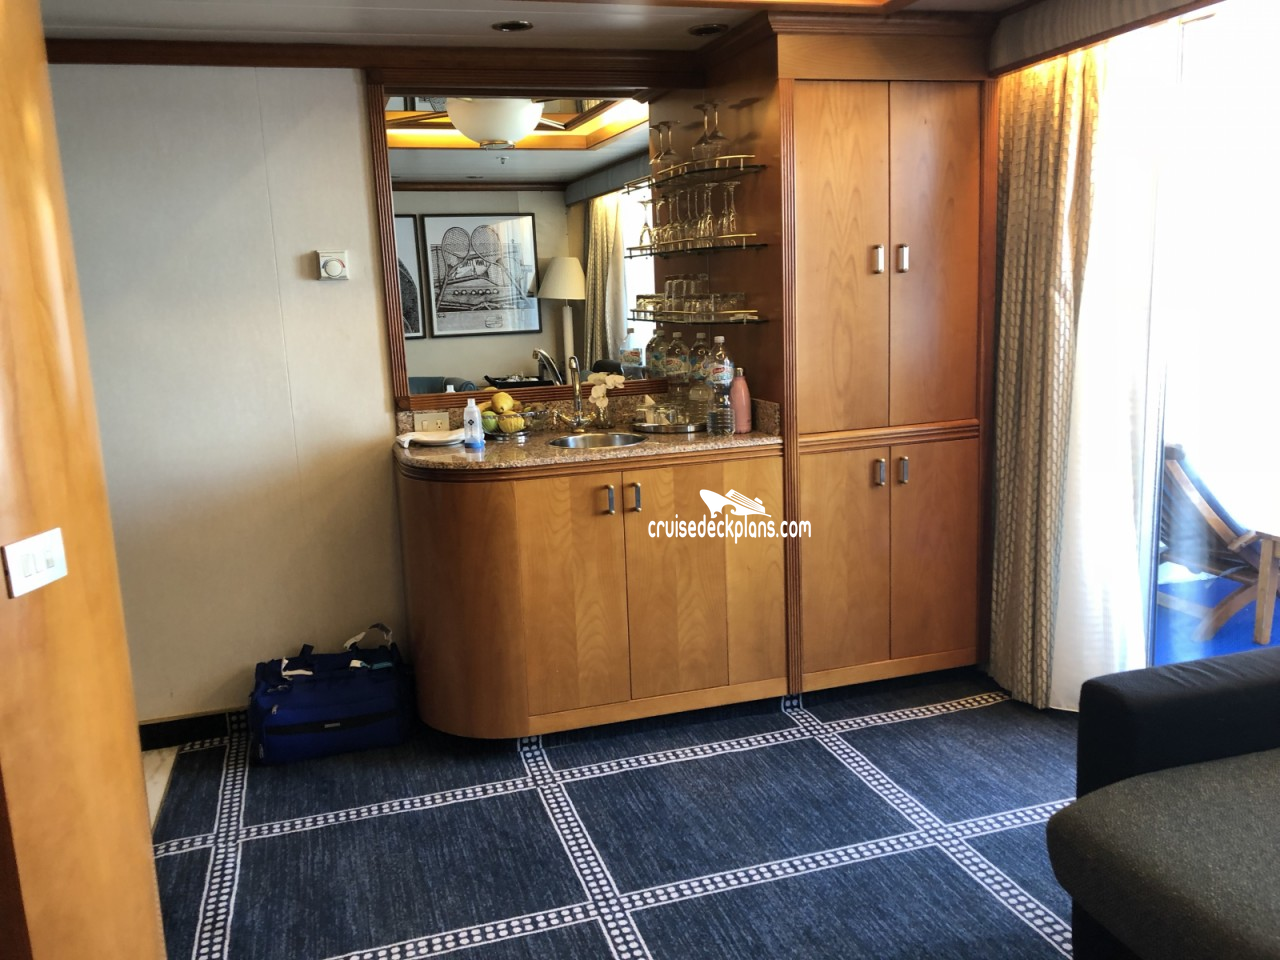 Pacific Explorer Deck Plans Diagrams Pictures Video